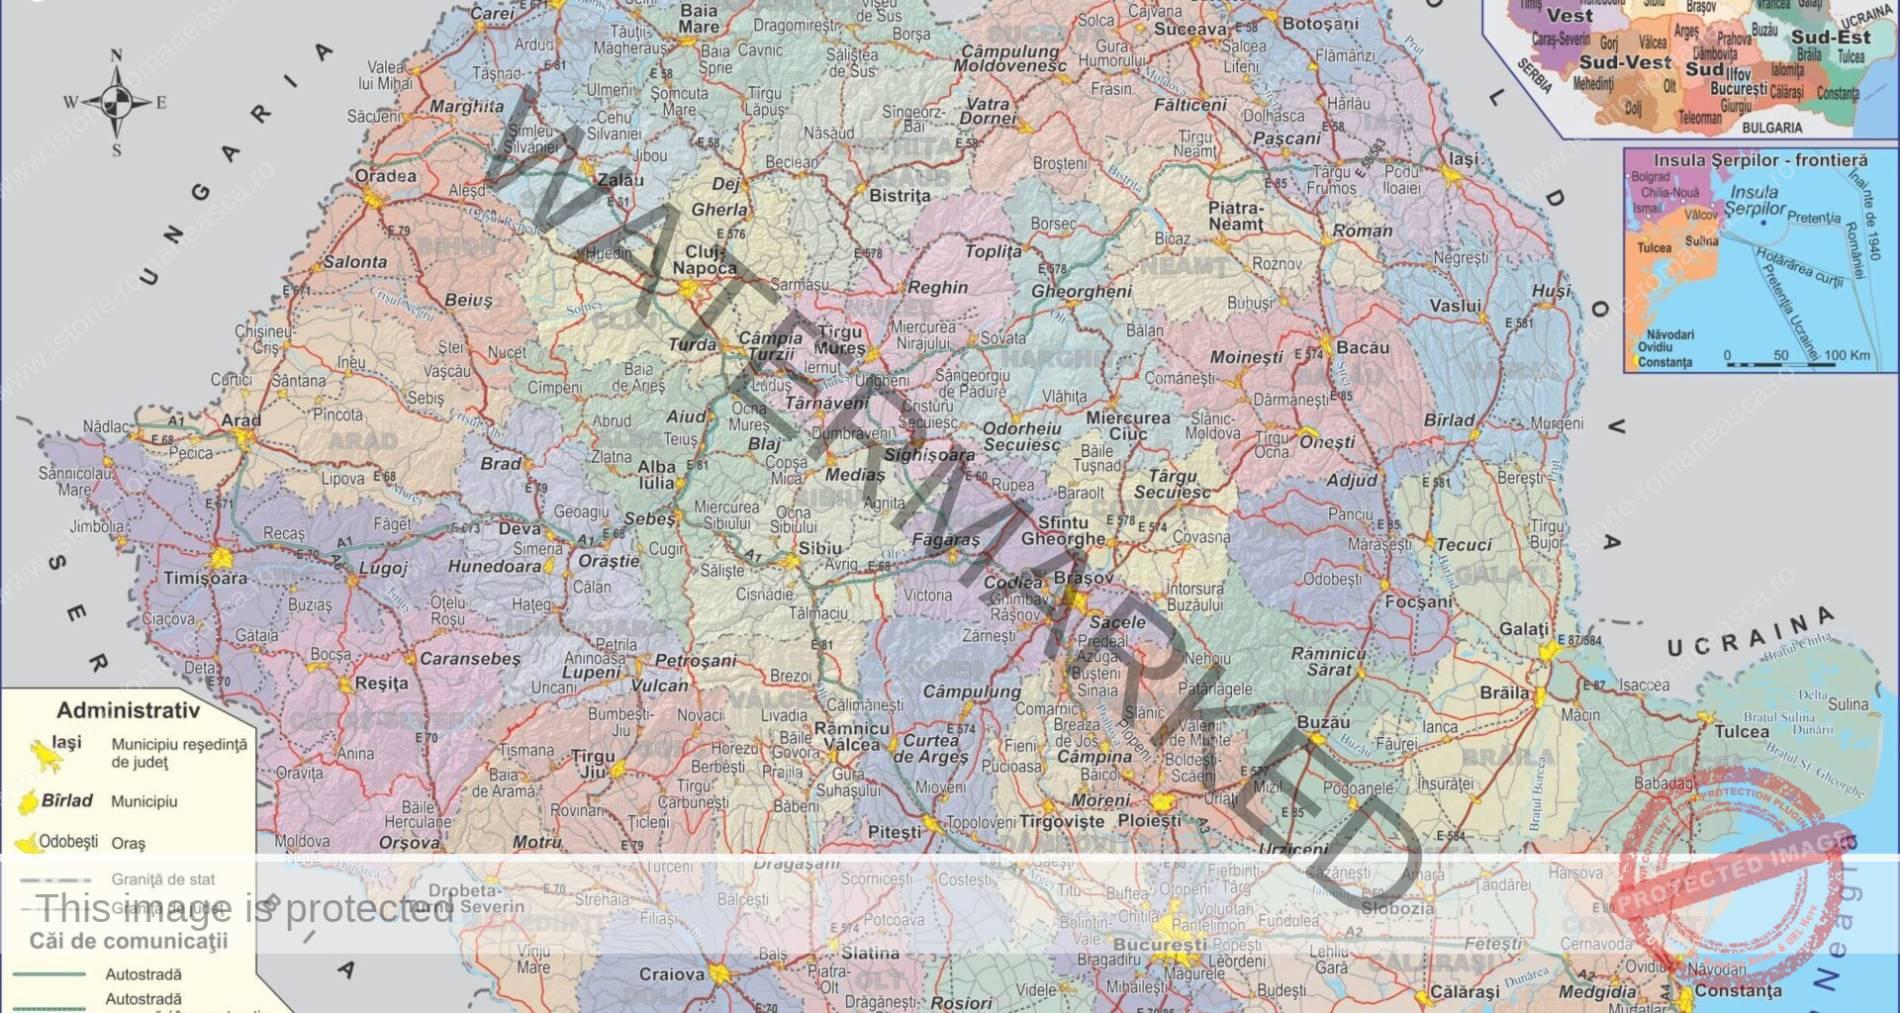 Harta fizică și administrativă a României după 1989